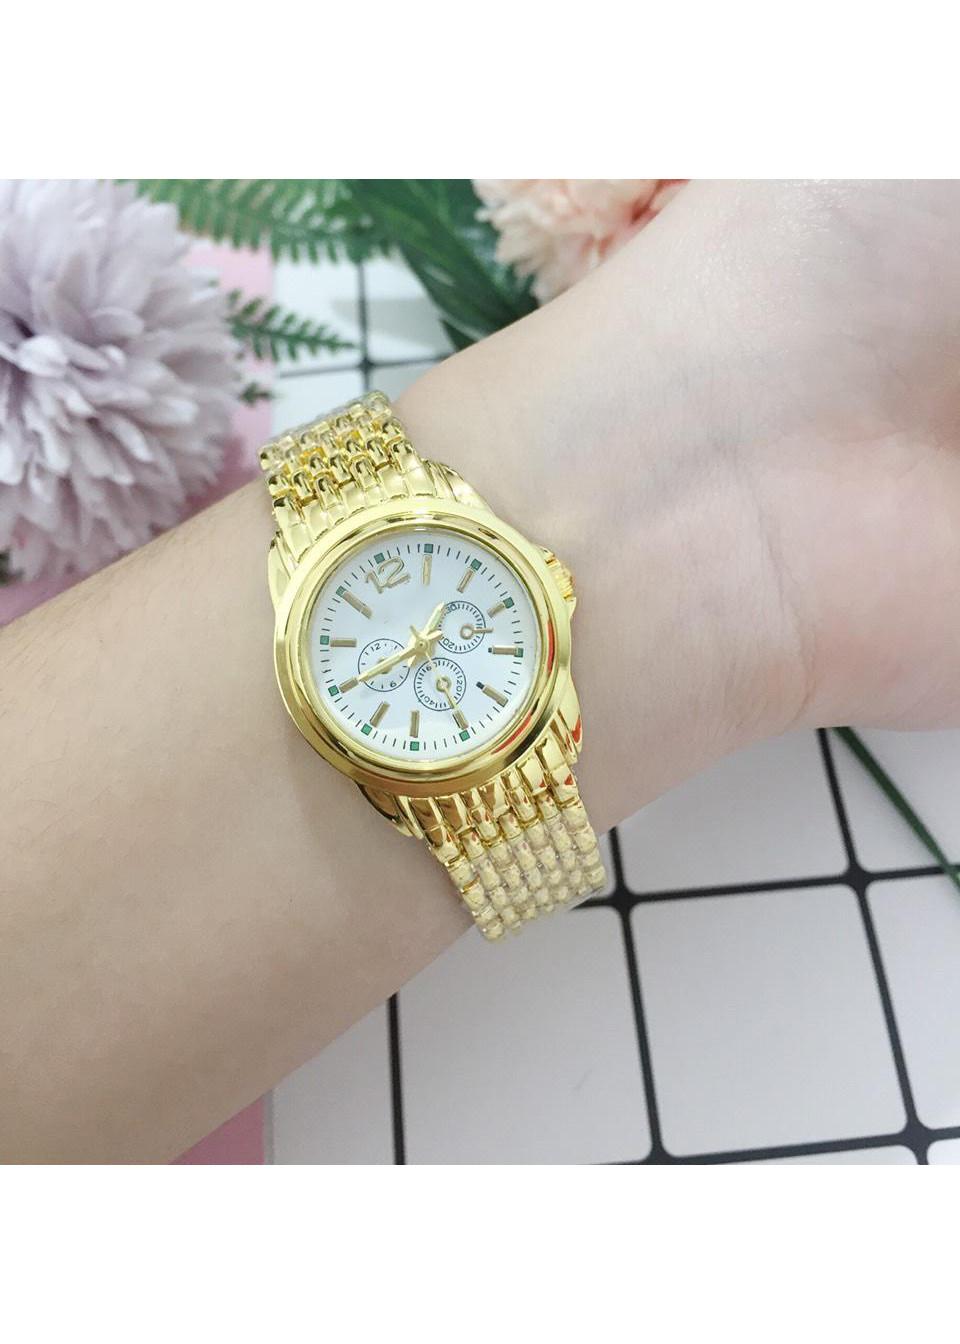 Đồng hồ thời trang nam nữ Rosra ZO58 mặt trắng dây nhuyễn